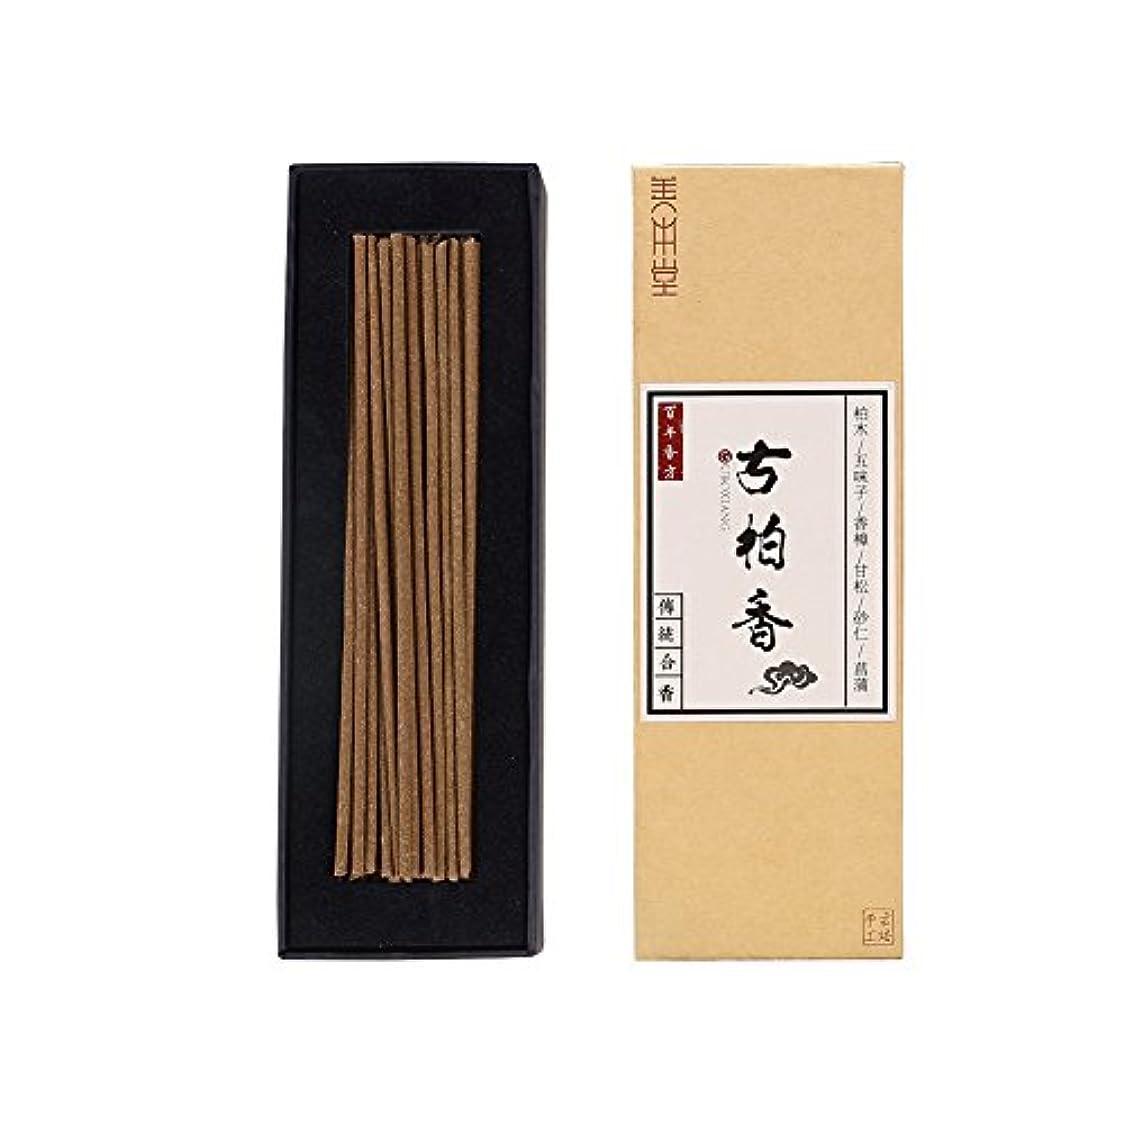 知性余暇消費する善本堂天然の手作りお香 伝統技術作る 古柏お香 養心安神のお香 お線香ギフト (14cm 50本入)